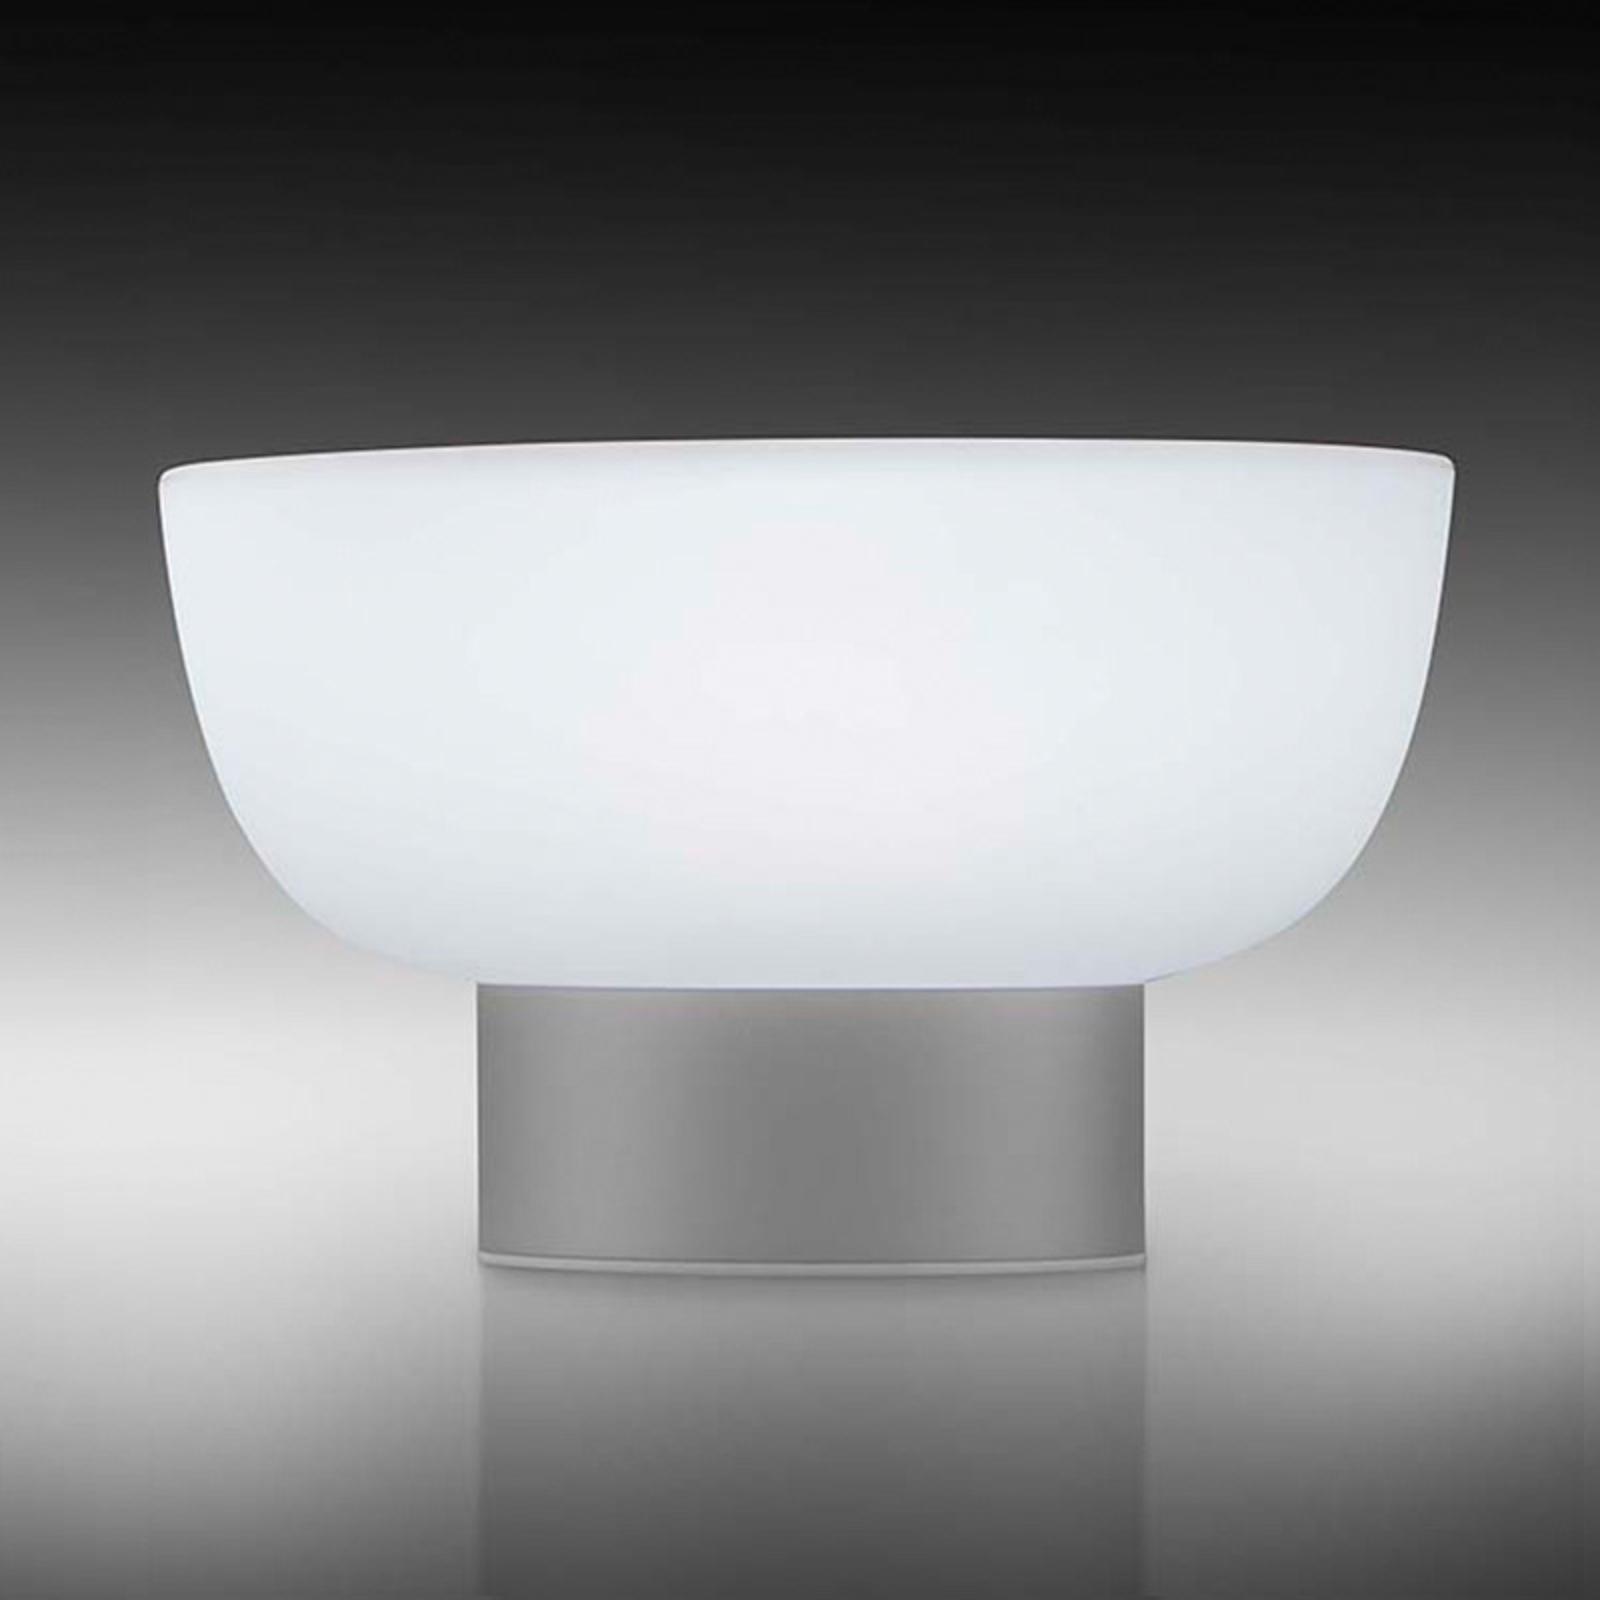 Acquista Lampada LED esterni Patio, argento, 20 cm